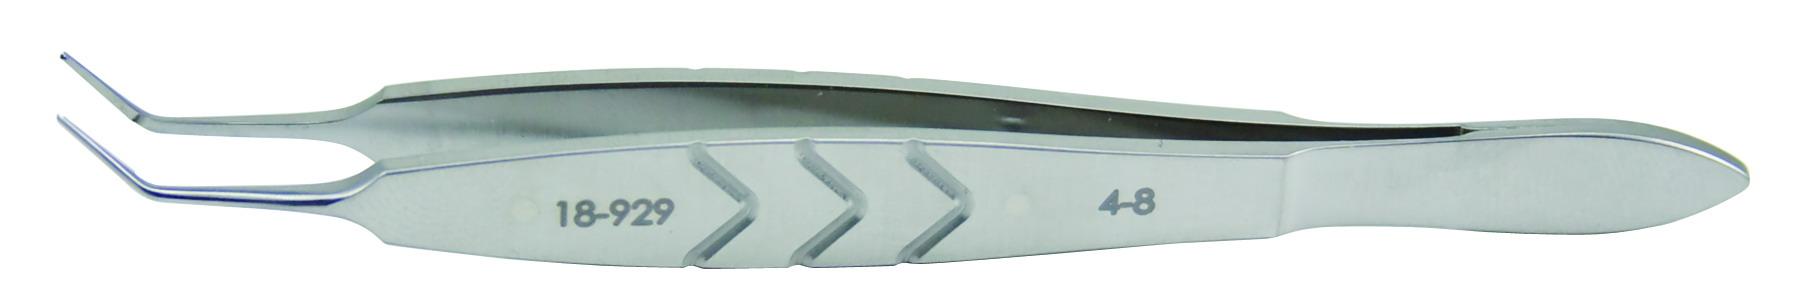 mcpher-fcps-1x2t-plat-ang-18-929-miltex.jpg